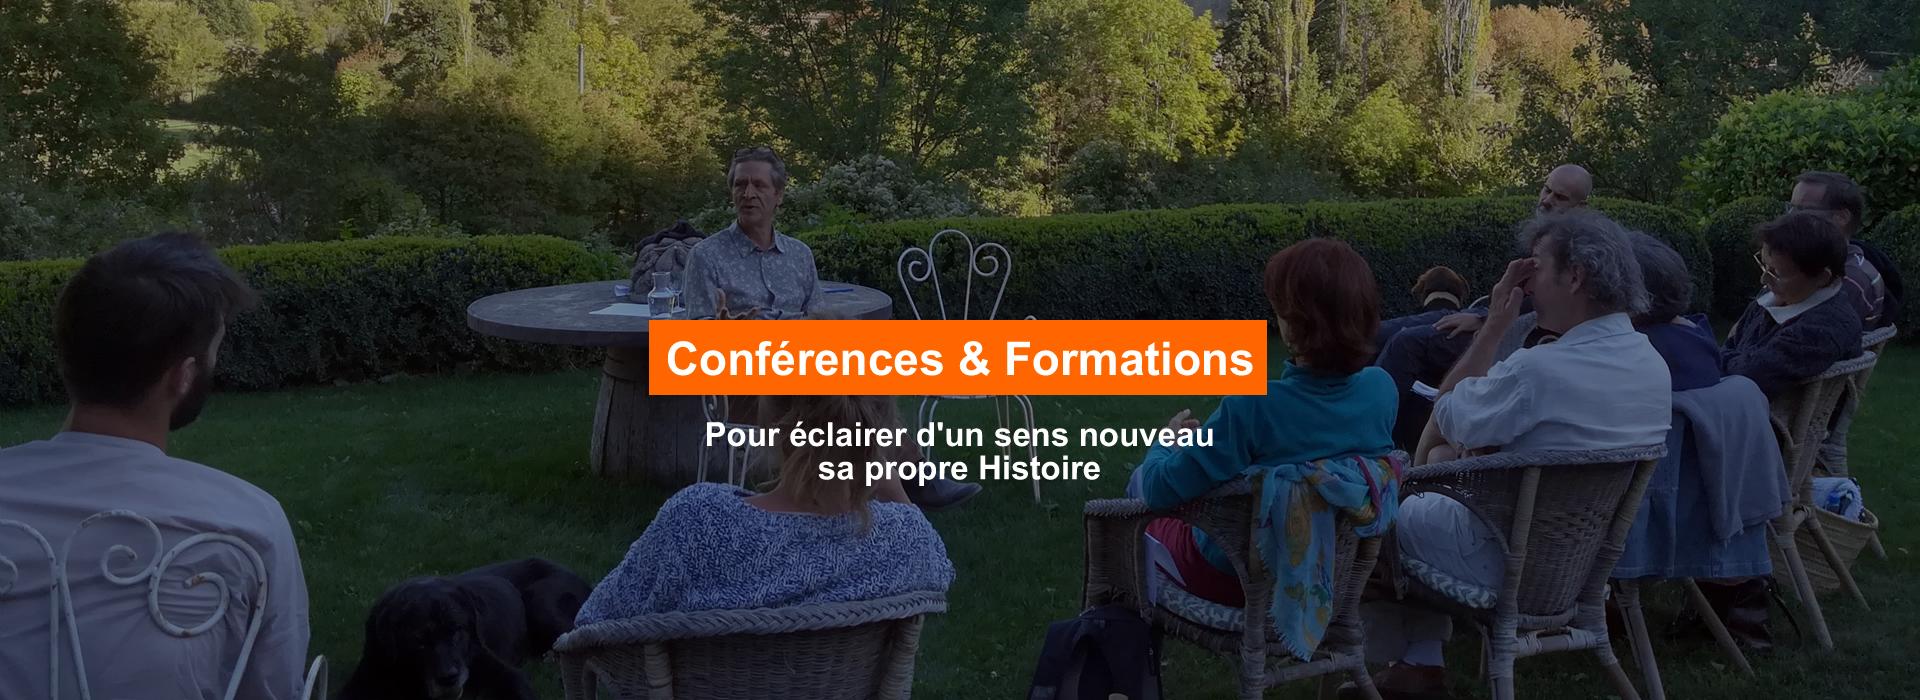 Resurgen - Conférences & Formations